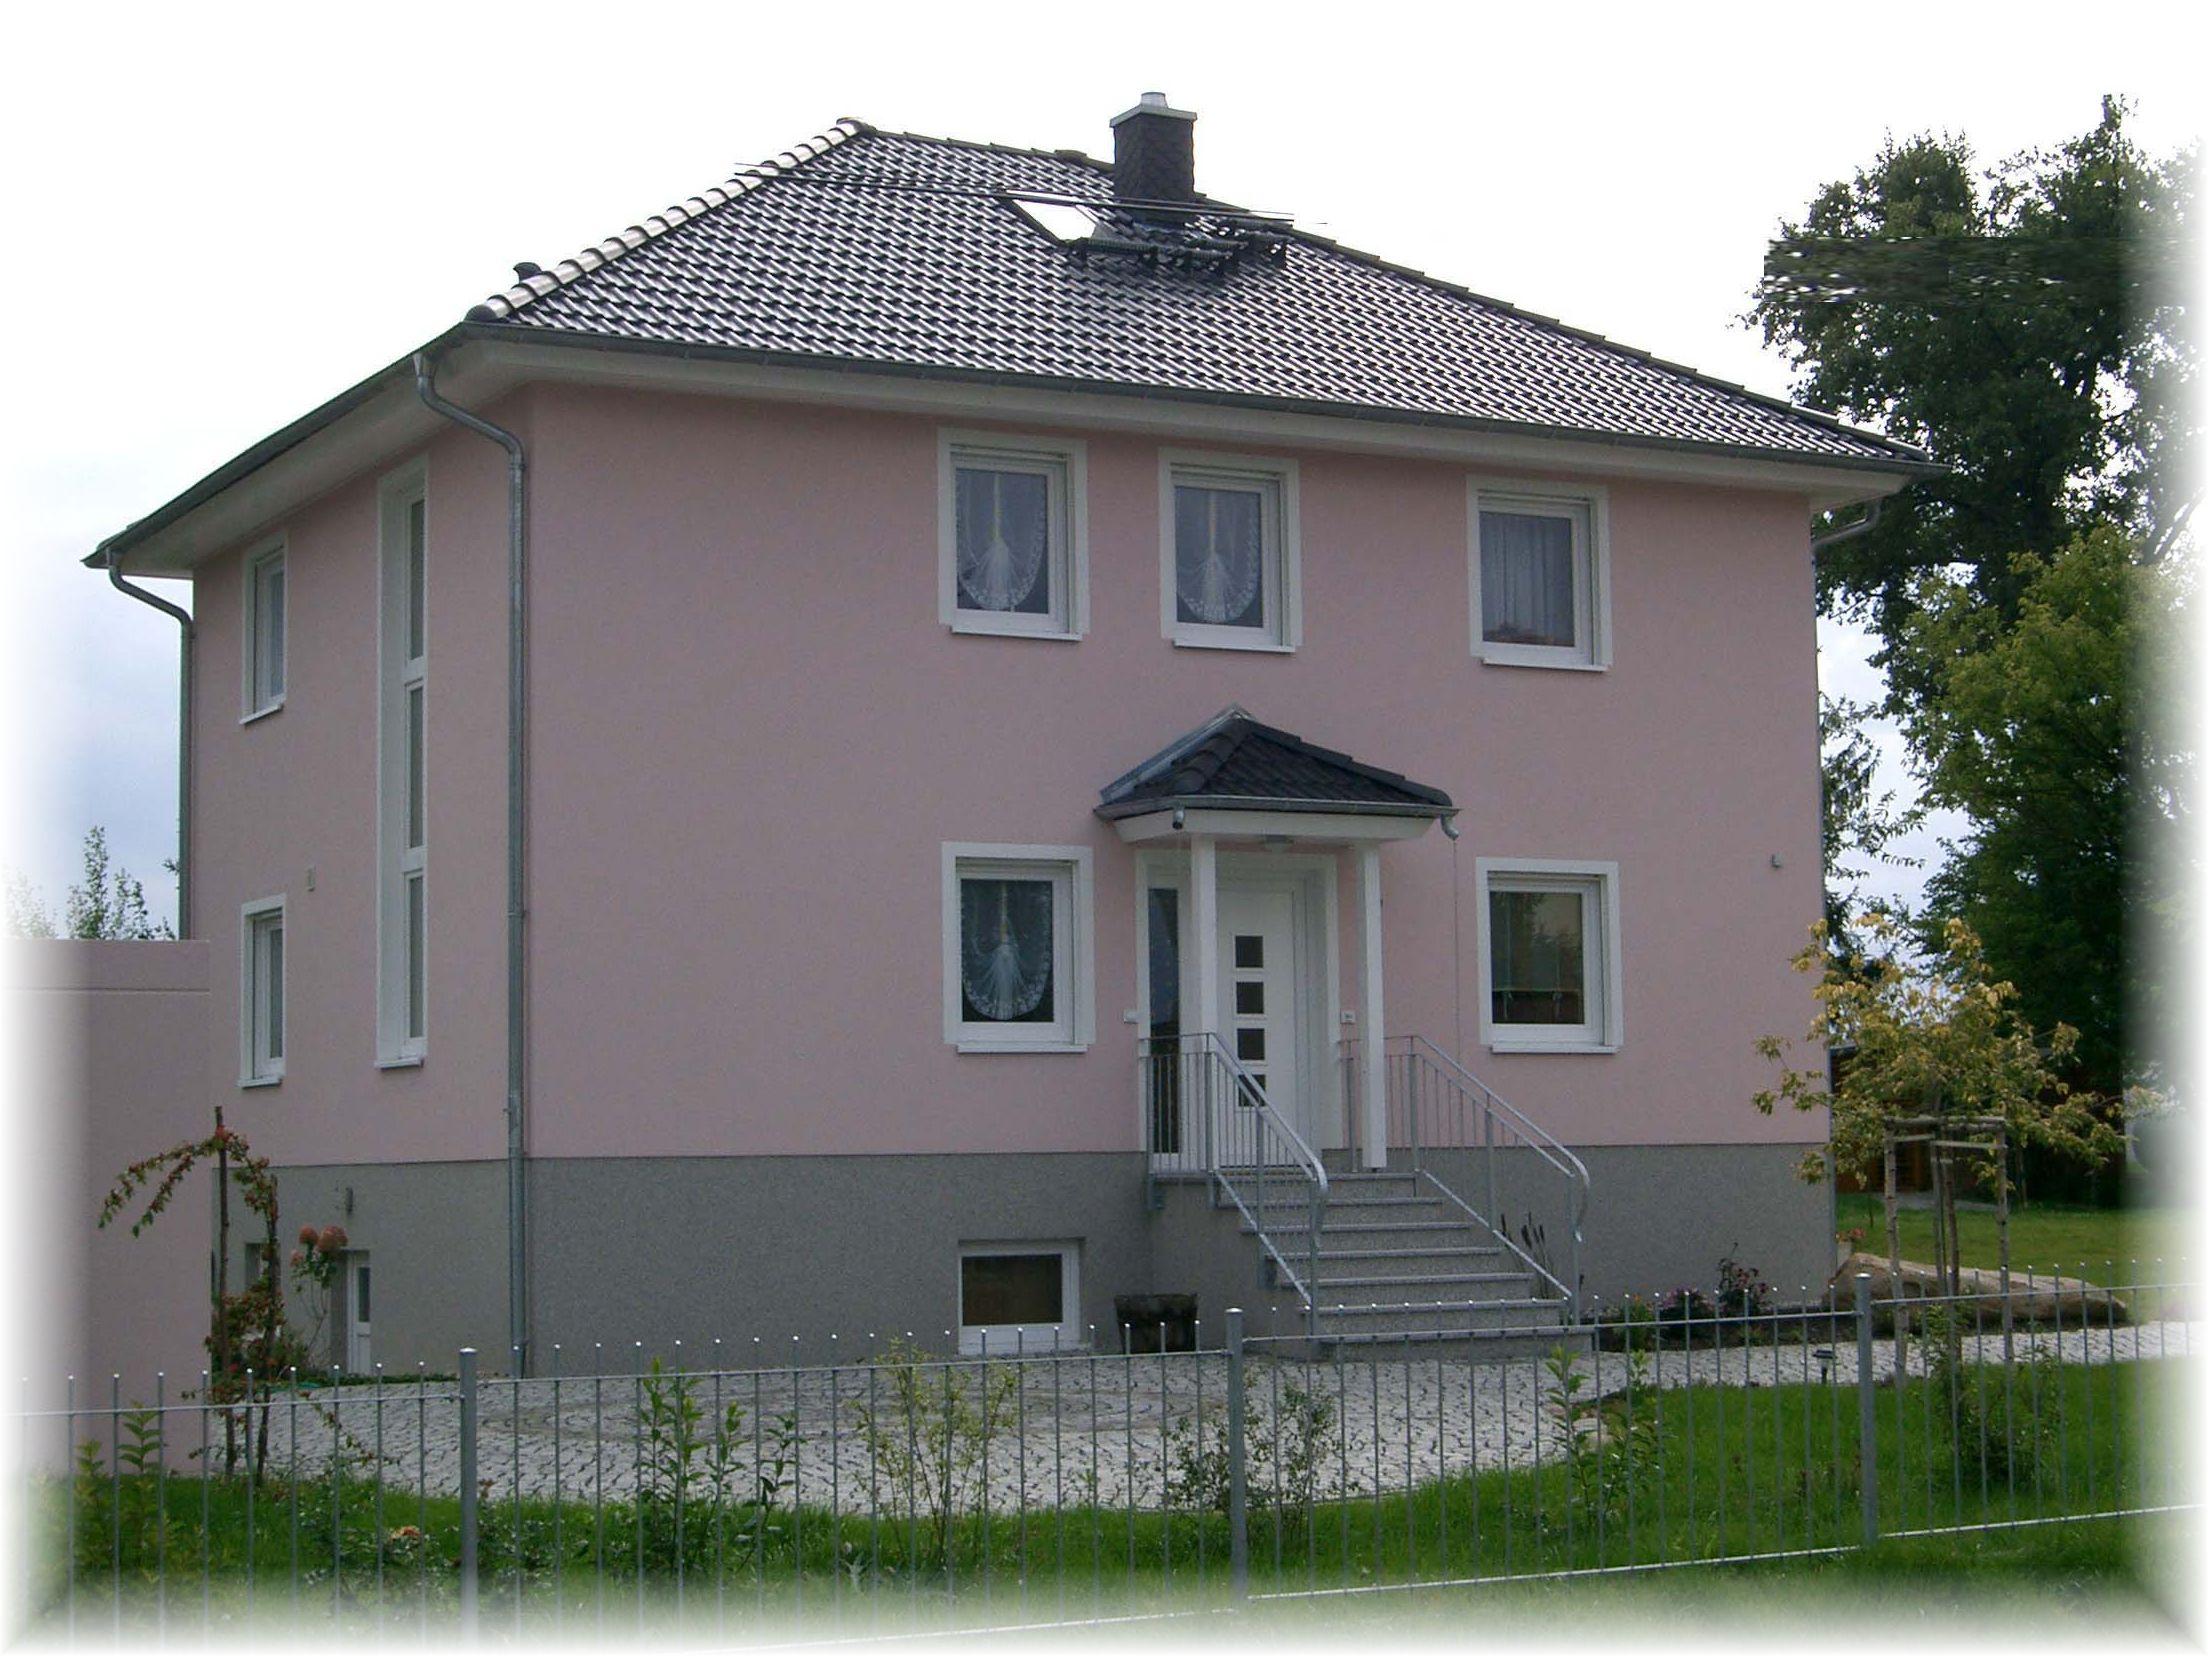 Fassadenfarbe beispiele gestaltung  AUSBAU DETLEFSEN | Referenzen